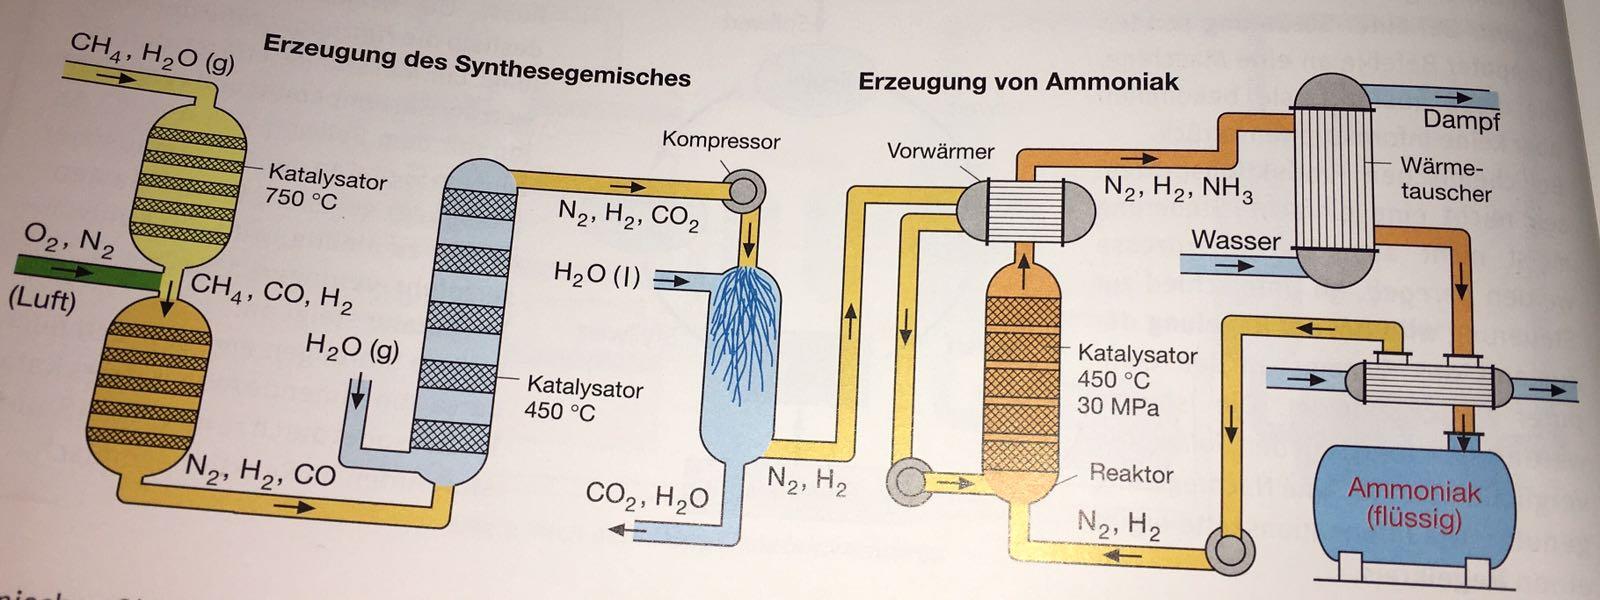 ammoniak synthese verst ndlich erkl rt chemie. Black Bedroom Furniture Sets. Home Design Ideas